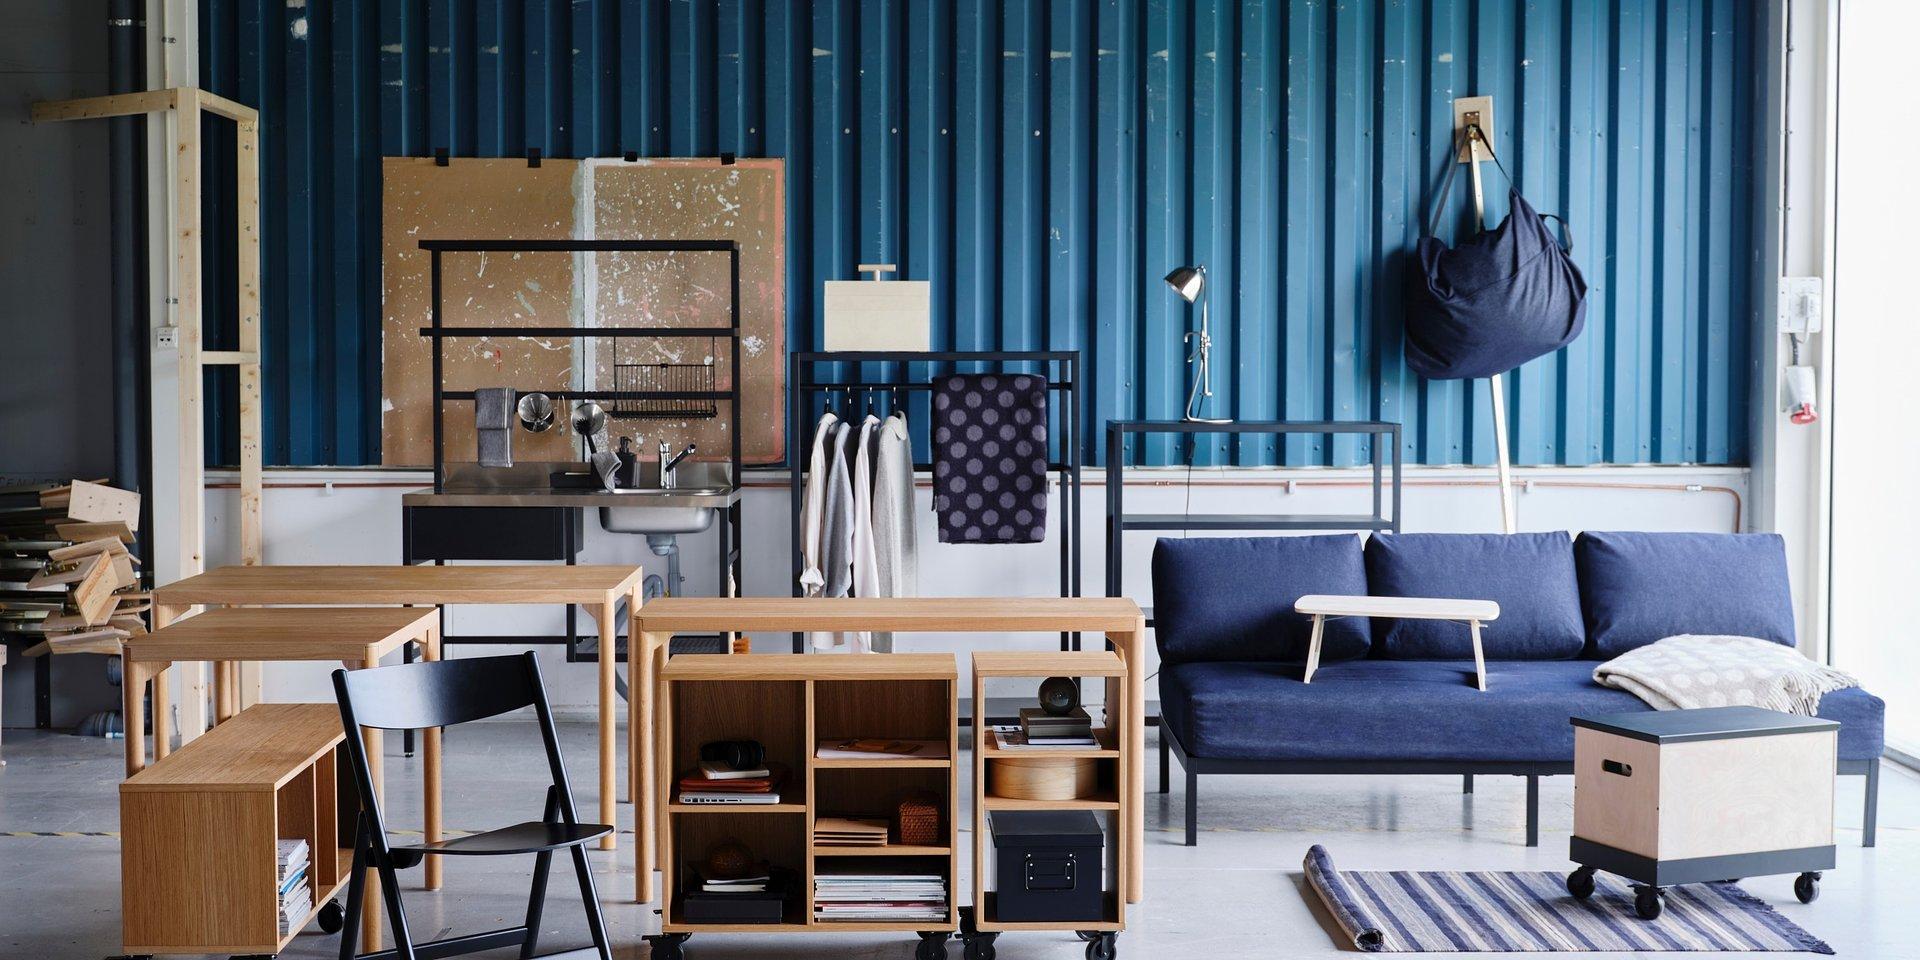 Kolekcja RAVAROR od IKEA – dla tych, którzy cenią sobie swobodę wyboru!